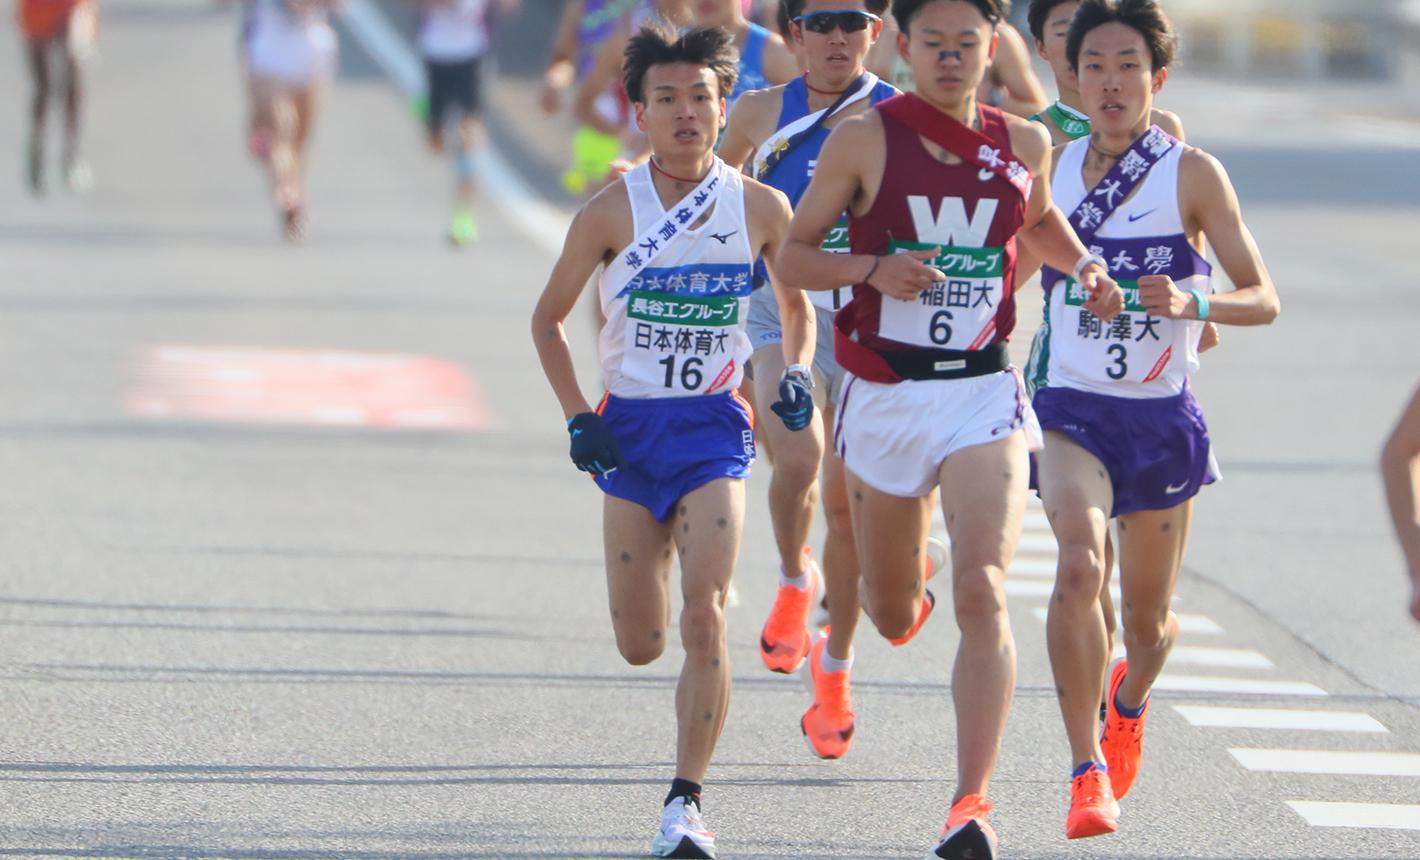 全日本大学駅伝では2区で11人抜きの区間3位